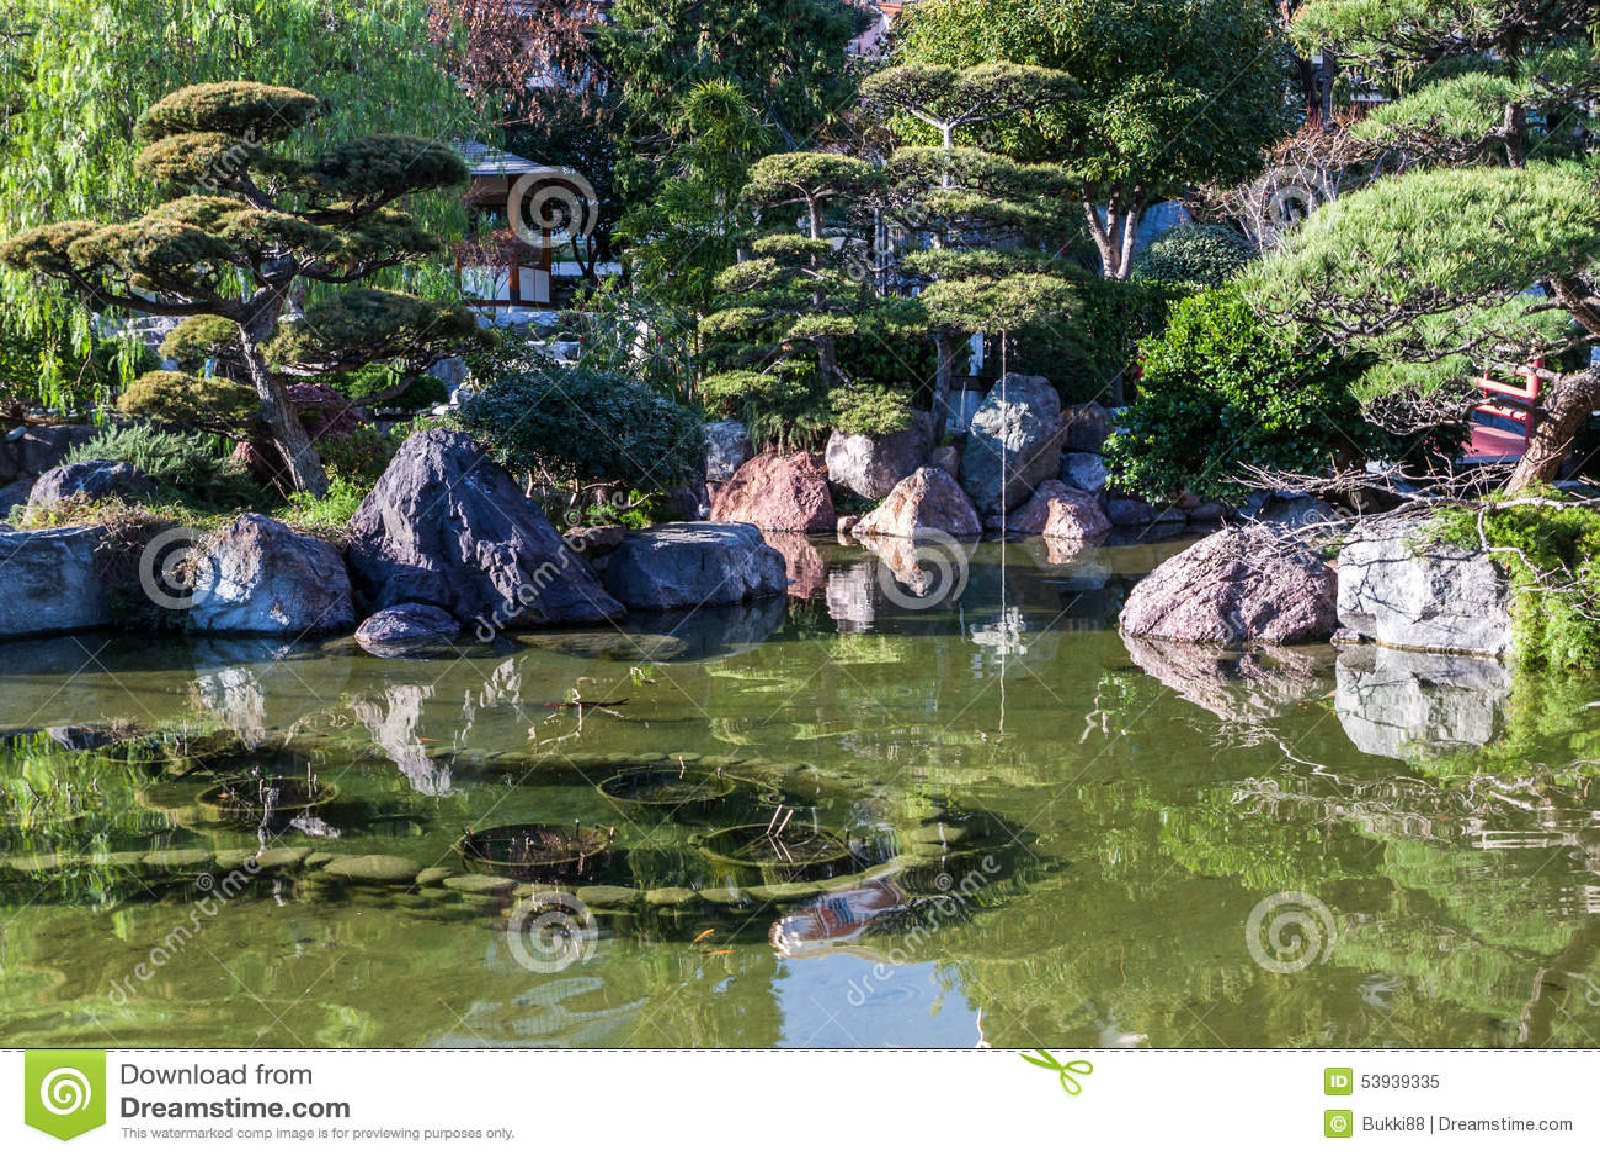 Monte Carlo Japanese Garden Stock Photo Image 53939335